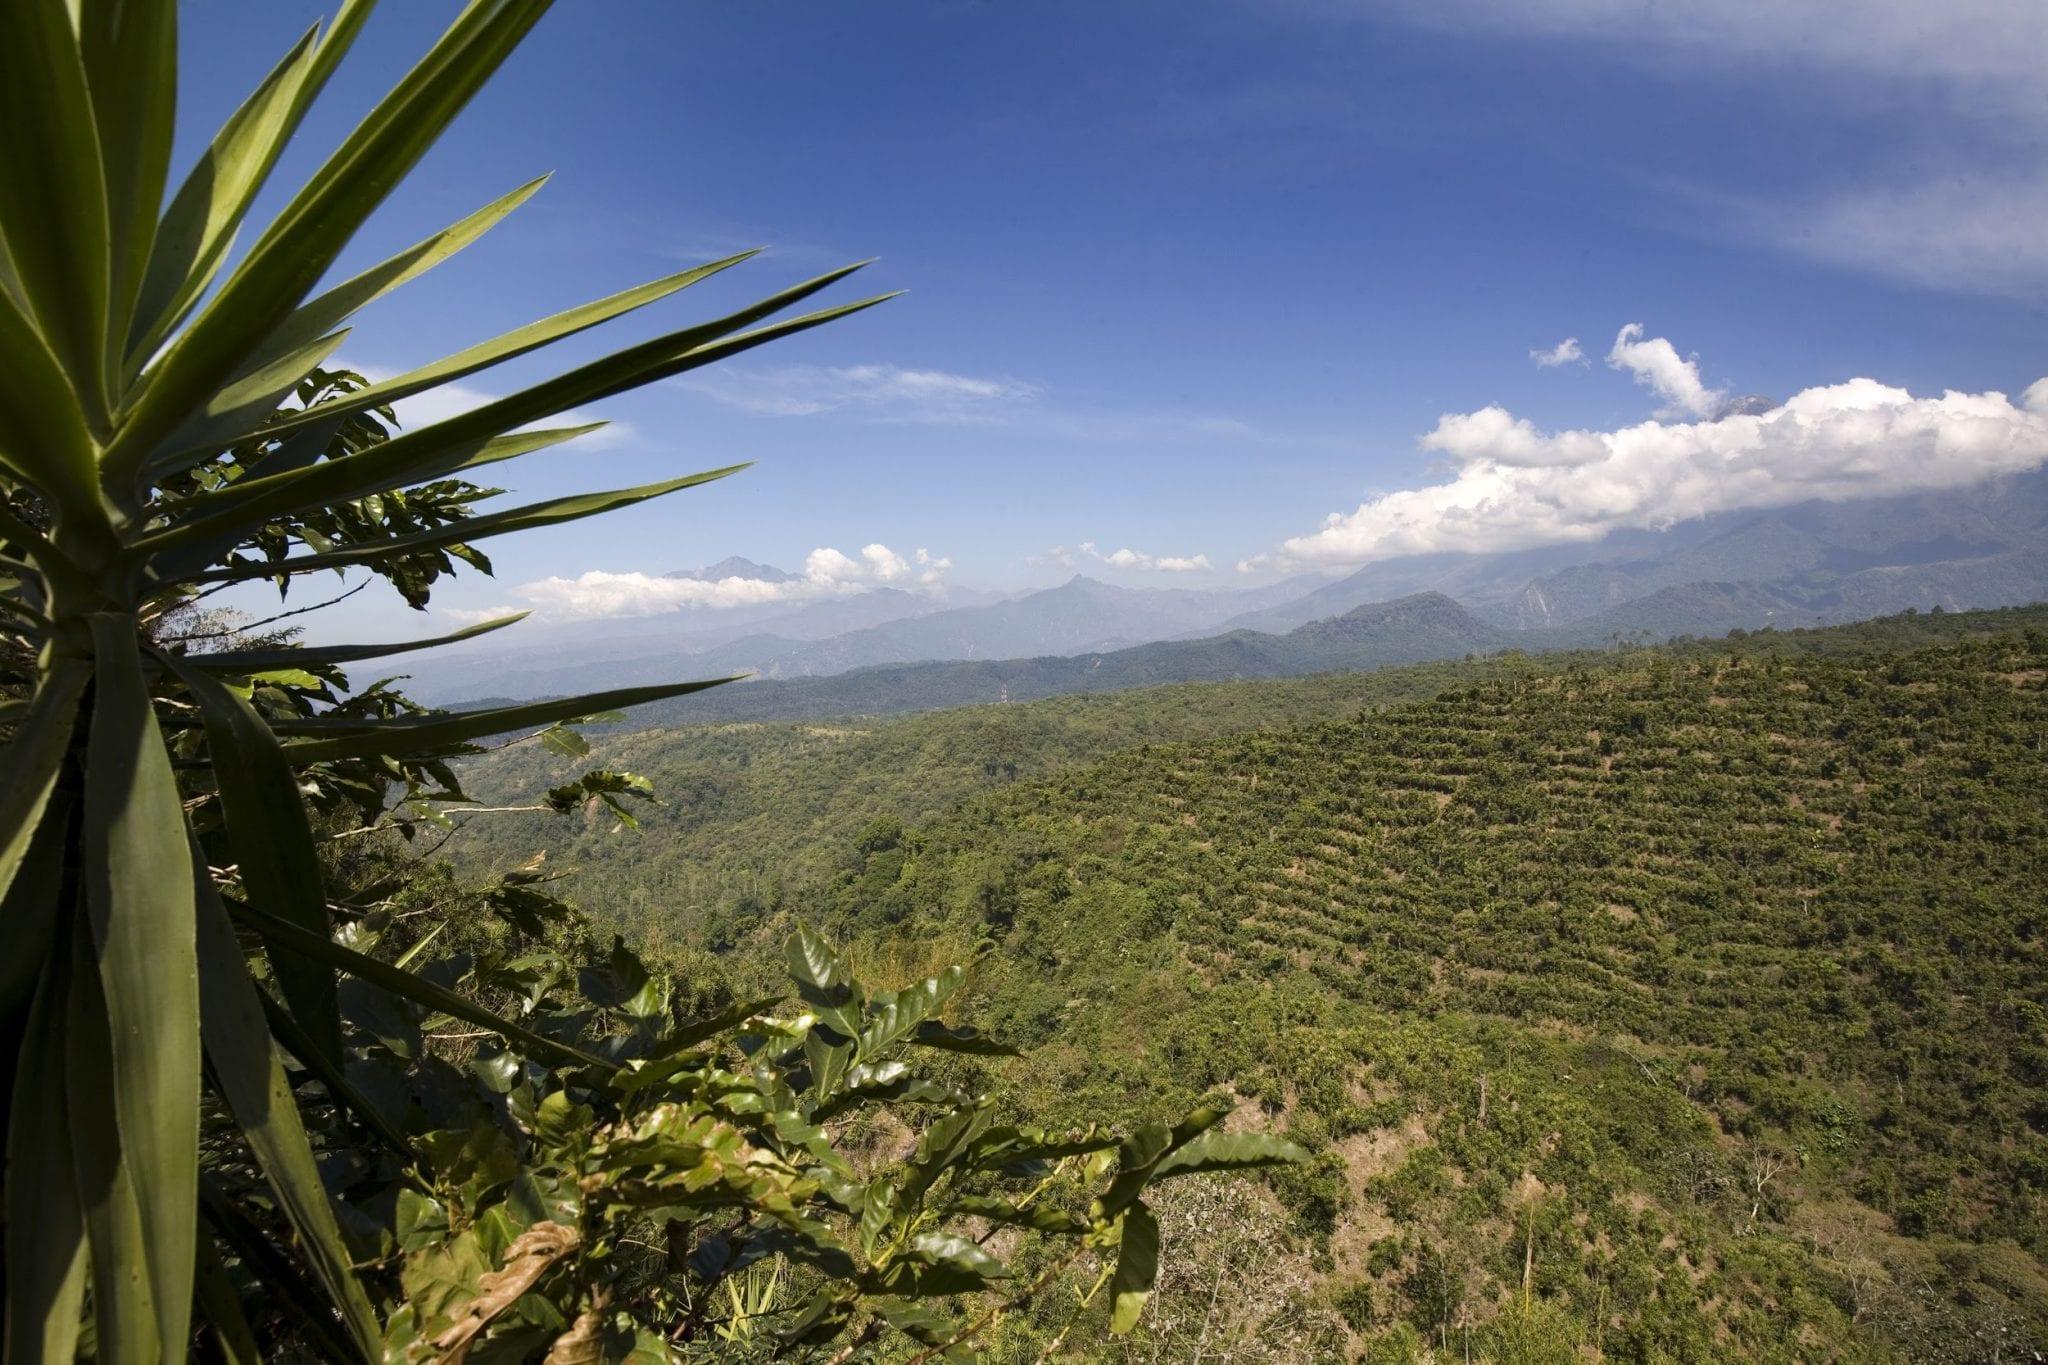 vista desde una finca cafetera en Guatemala